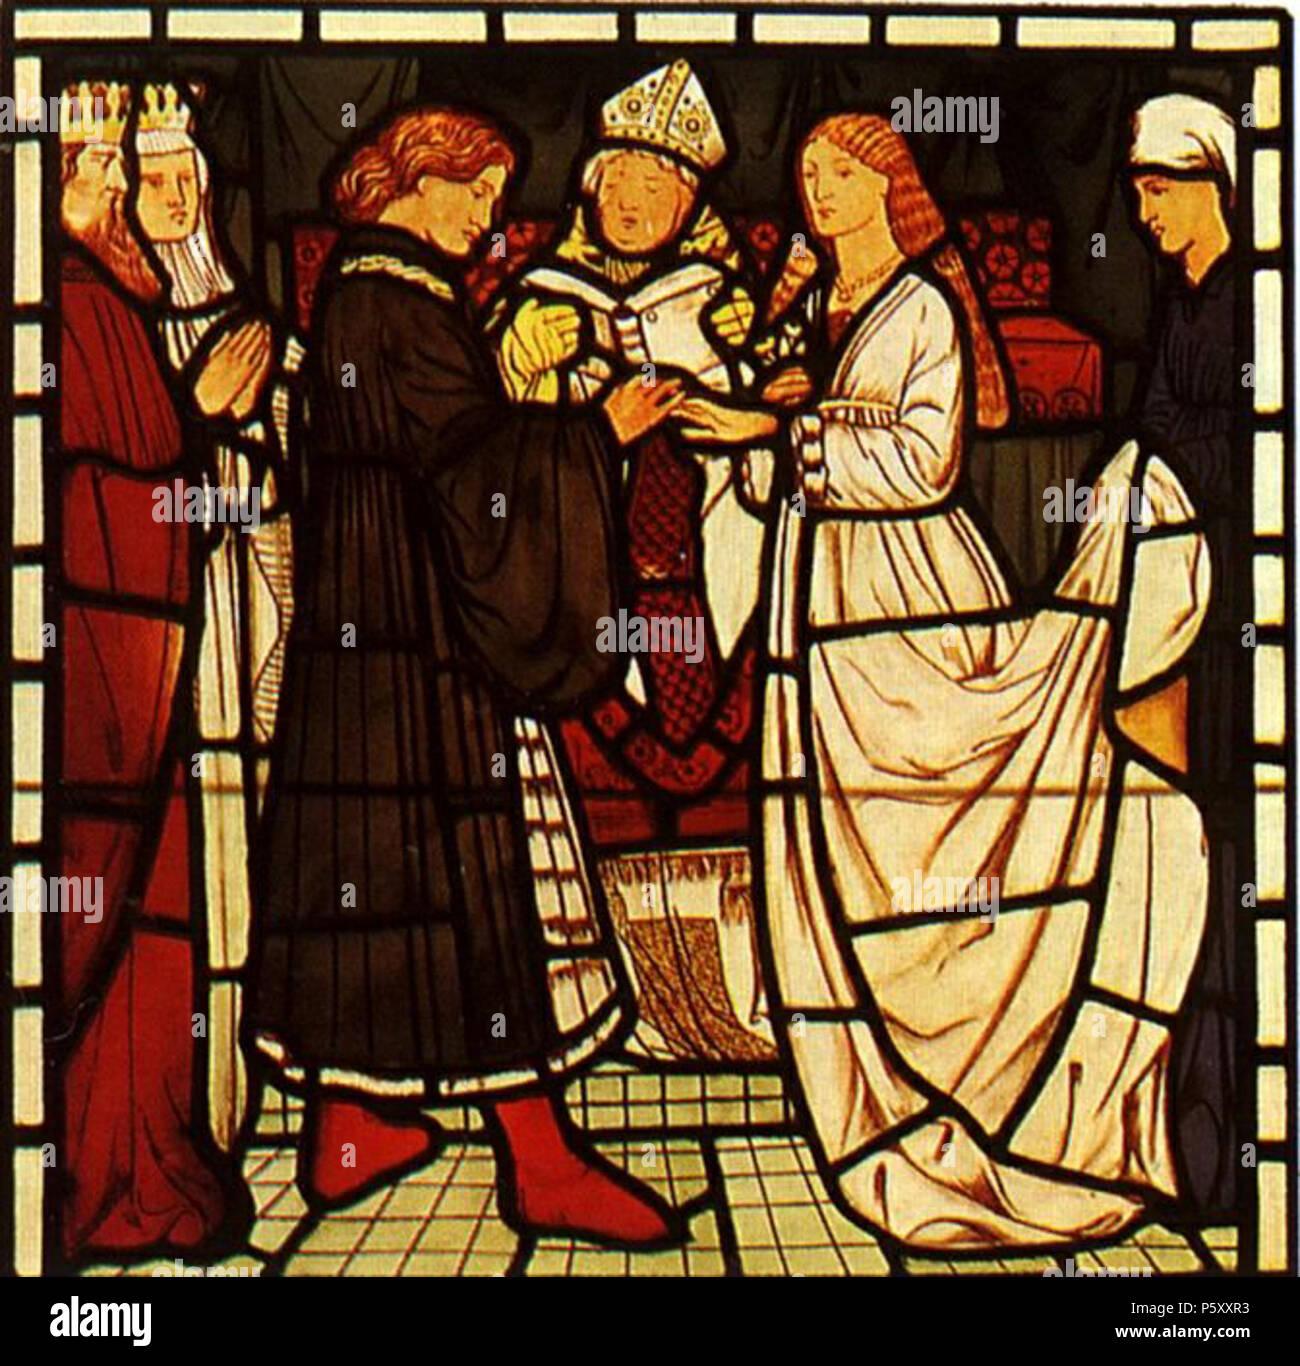 James Harden Date Of Birth: Sir Edward Burne Jones William Morris Stock Photos & Sir